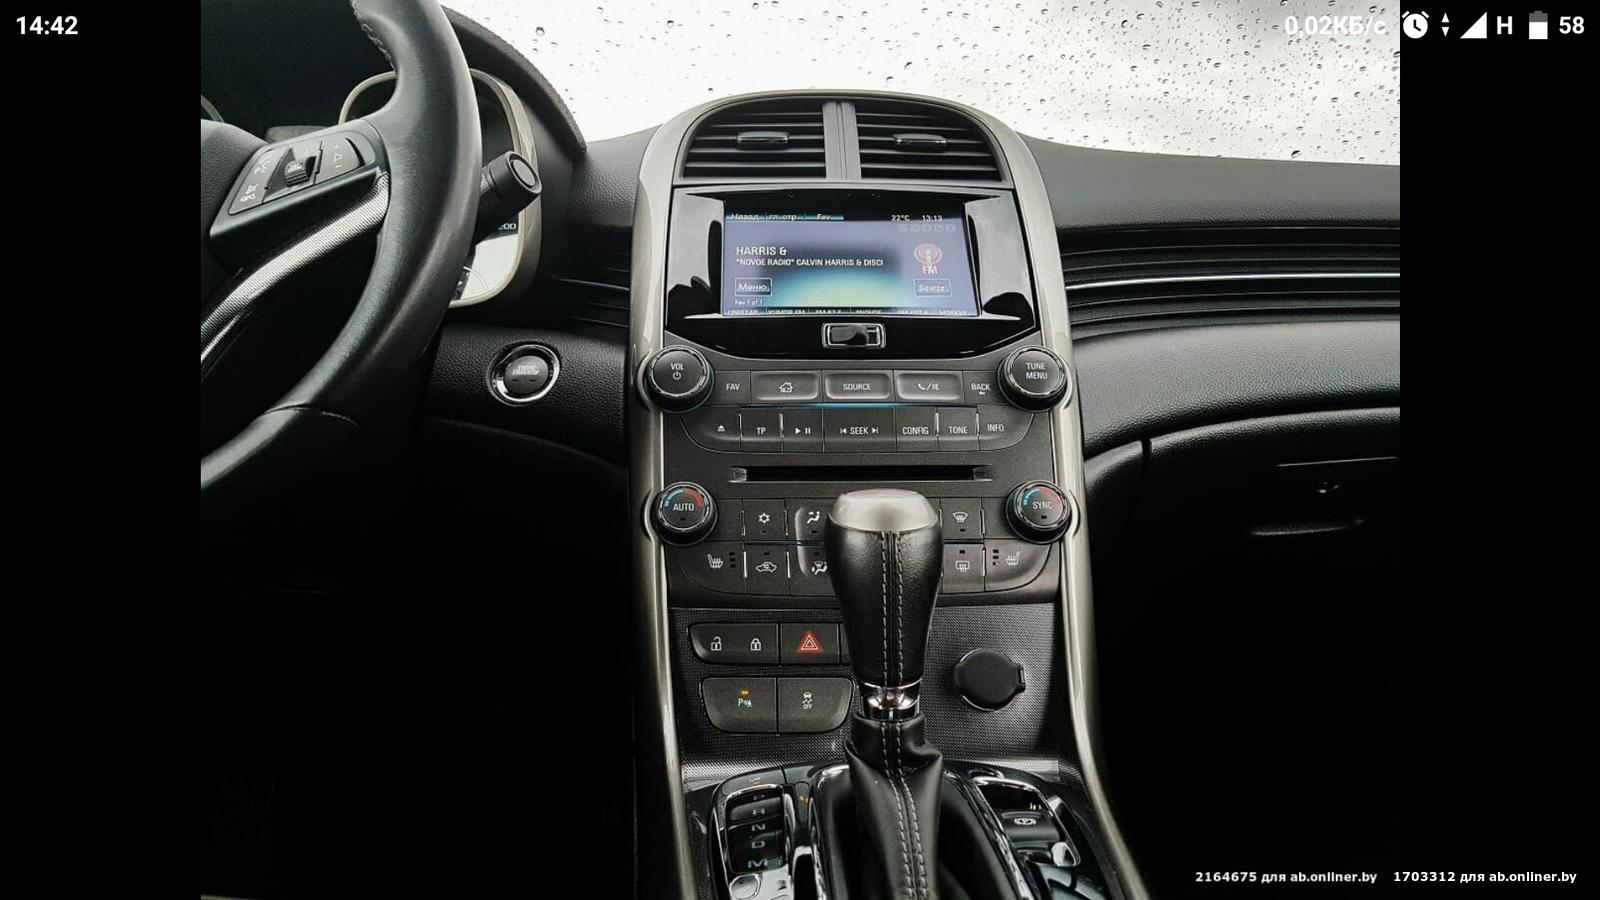 Chevrolet Malibu LTZ